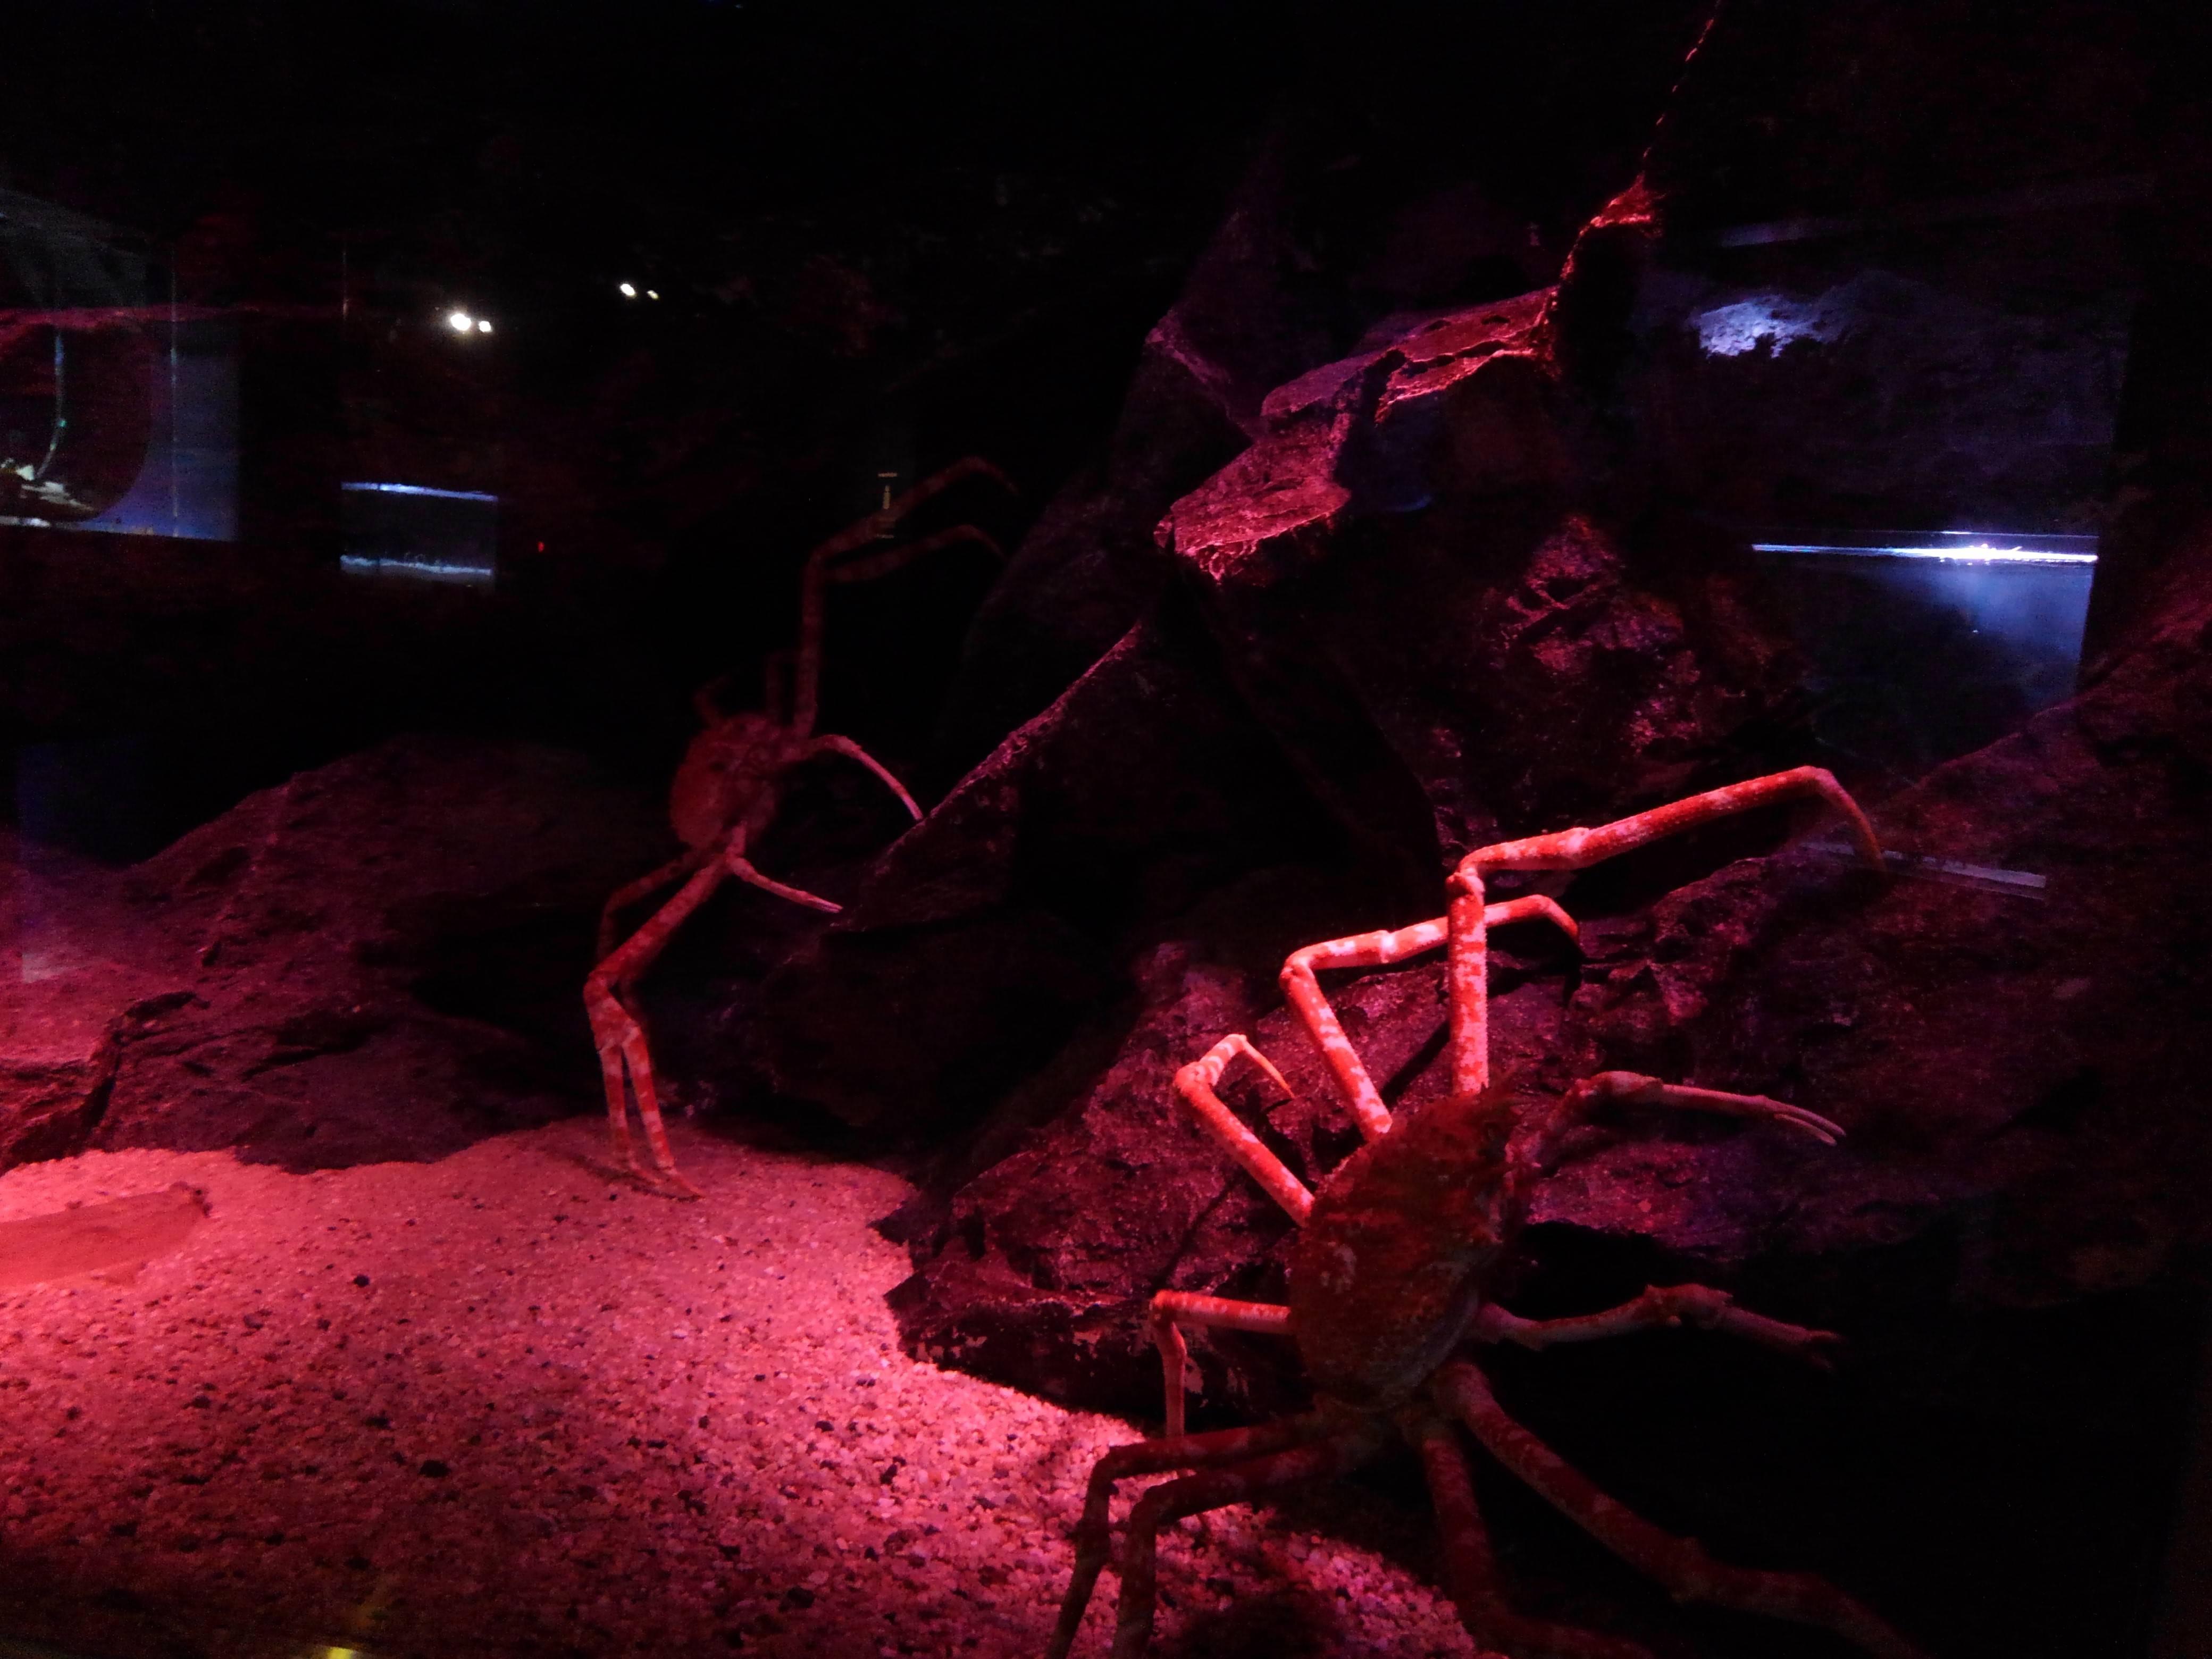 【画像】水族館でタカアシガニ水槽に着いたときの緊張感